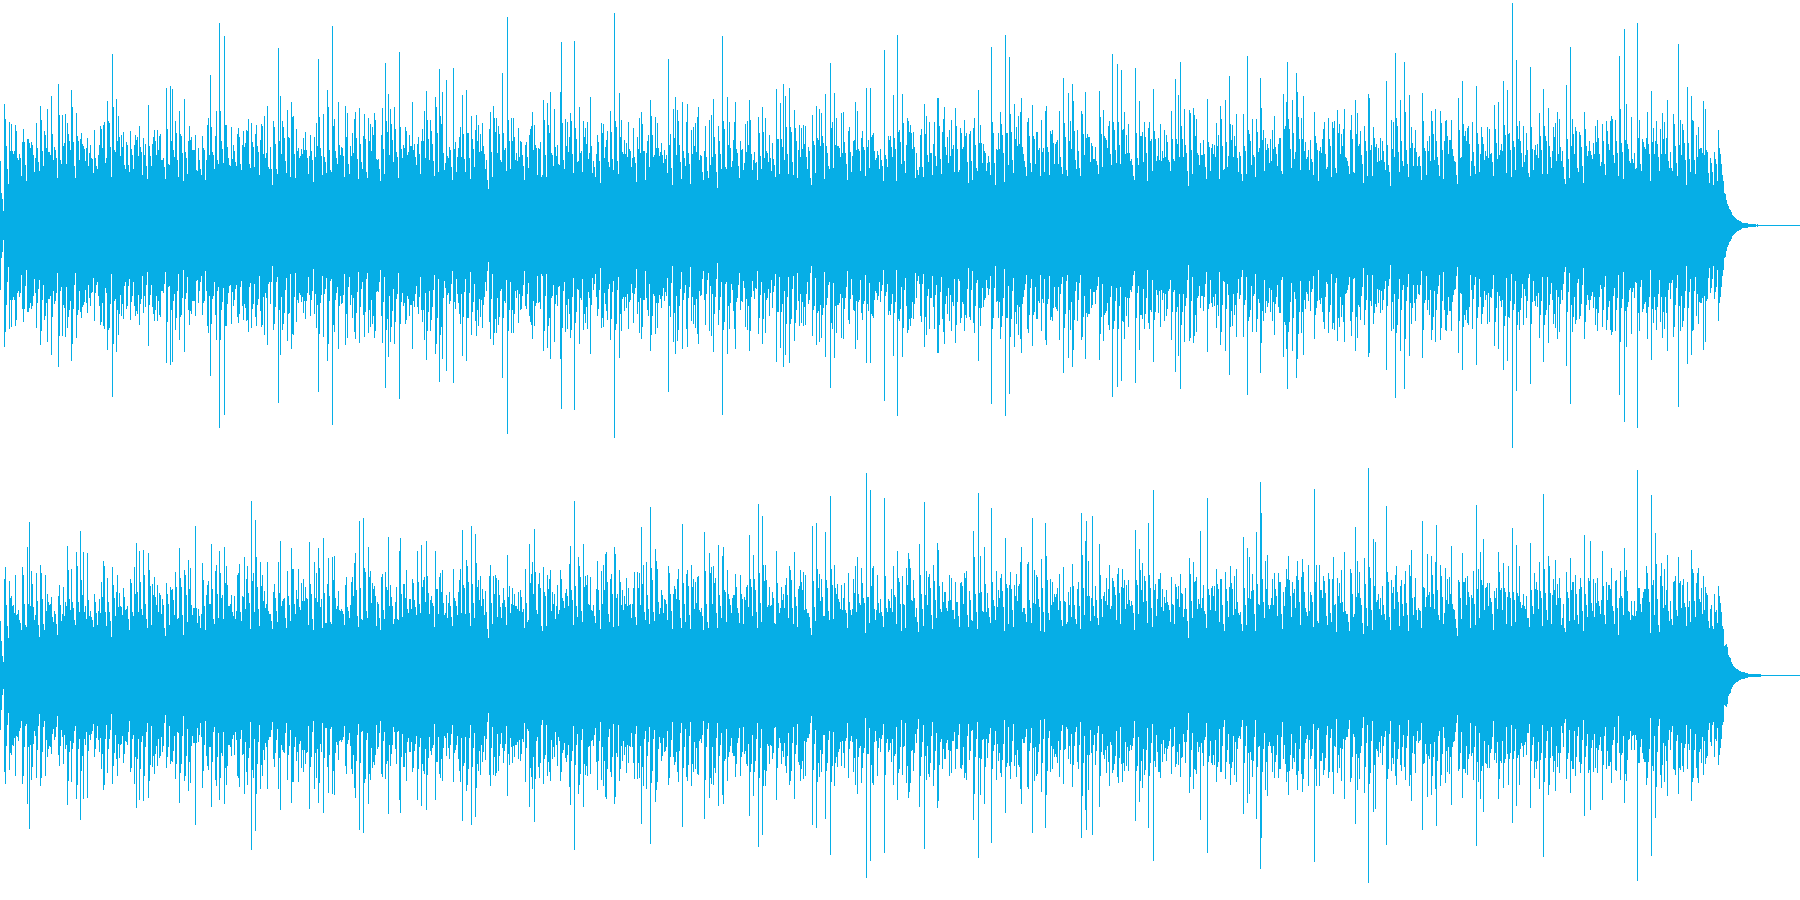 張り詰めた場面に使える曲になればとの再生済みの波形